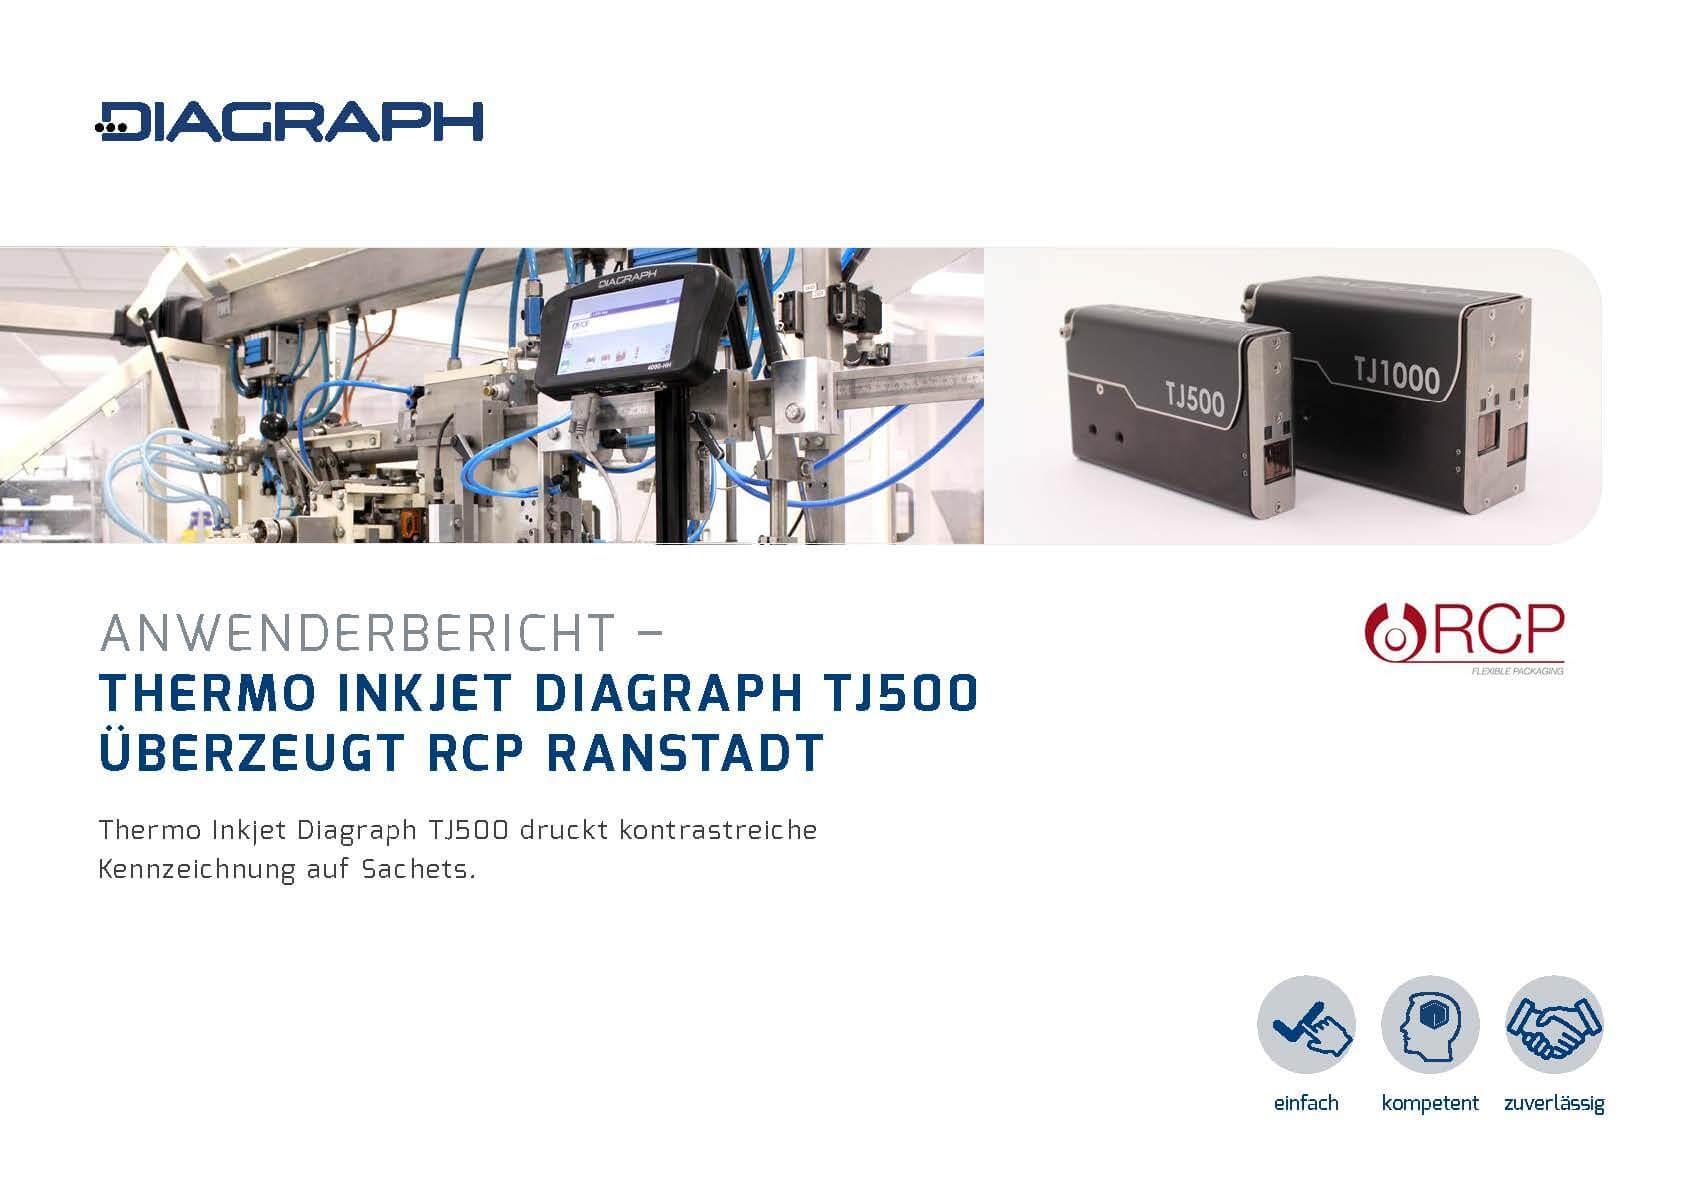 ALLENCOD-2105-118 - Allen Coding-Anwenderberichte-2021-06-16-14-00-RCP_Ranstadt-WEB_Seite_1